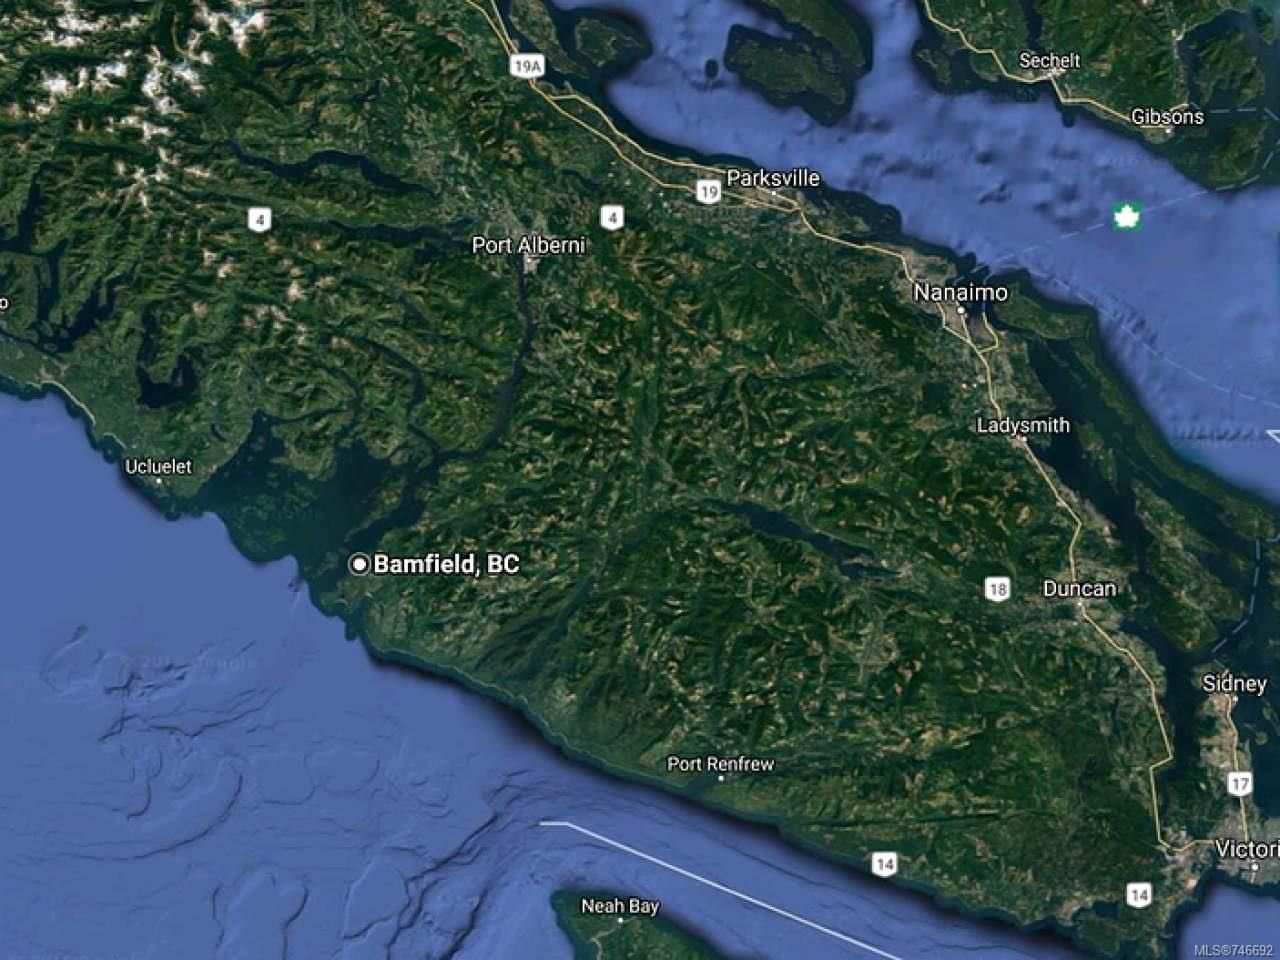 Main Photo: LT 9 S Bamfield Rd in BAMFIELD: PA Bamfield Land for sale (Port Alberni)  : MLS®# 746692